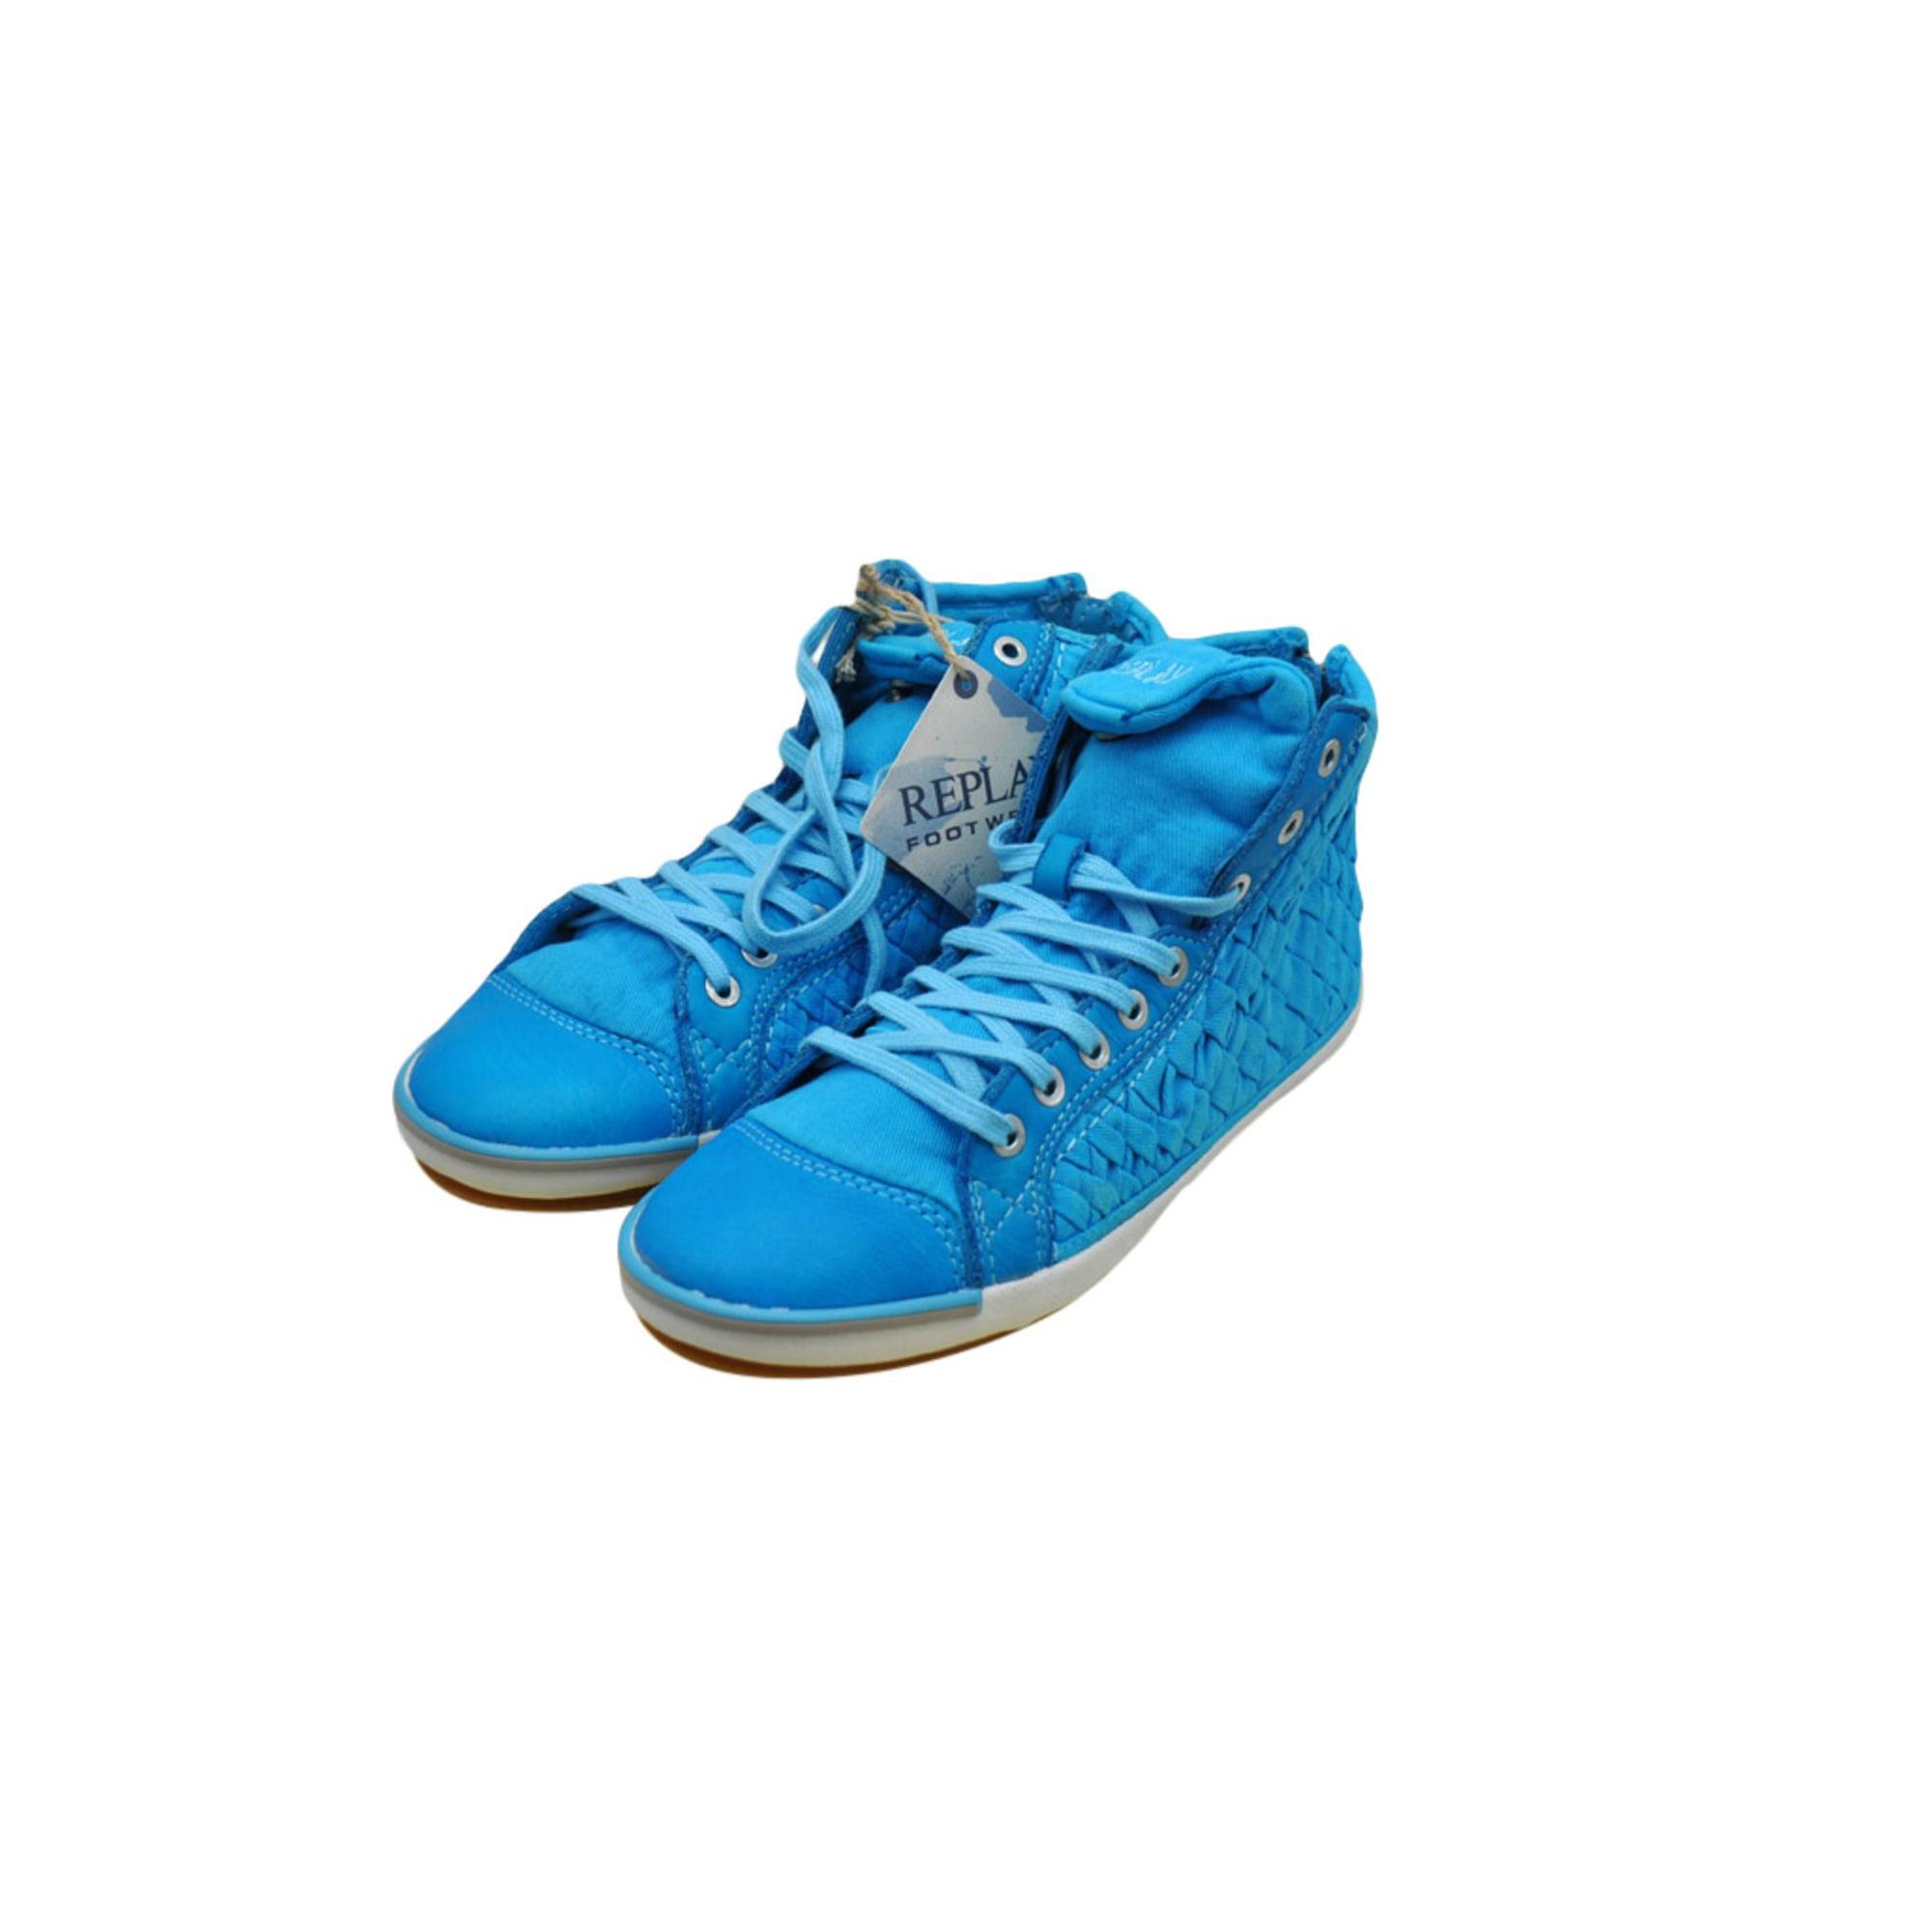 Baskets REPLAY Bleu, bleu marine, bleu turquoise